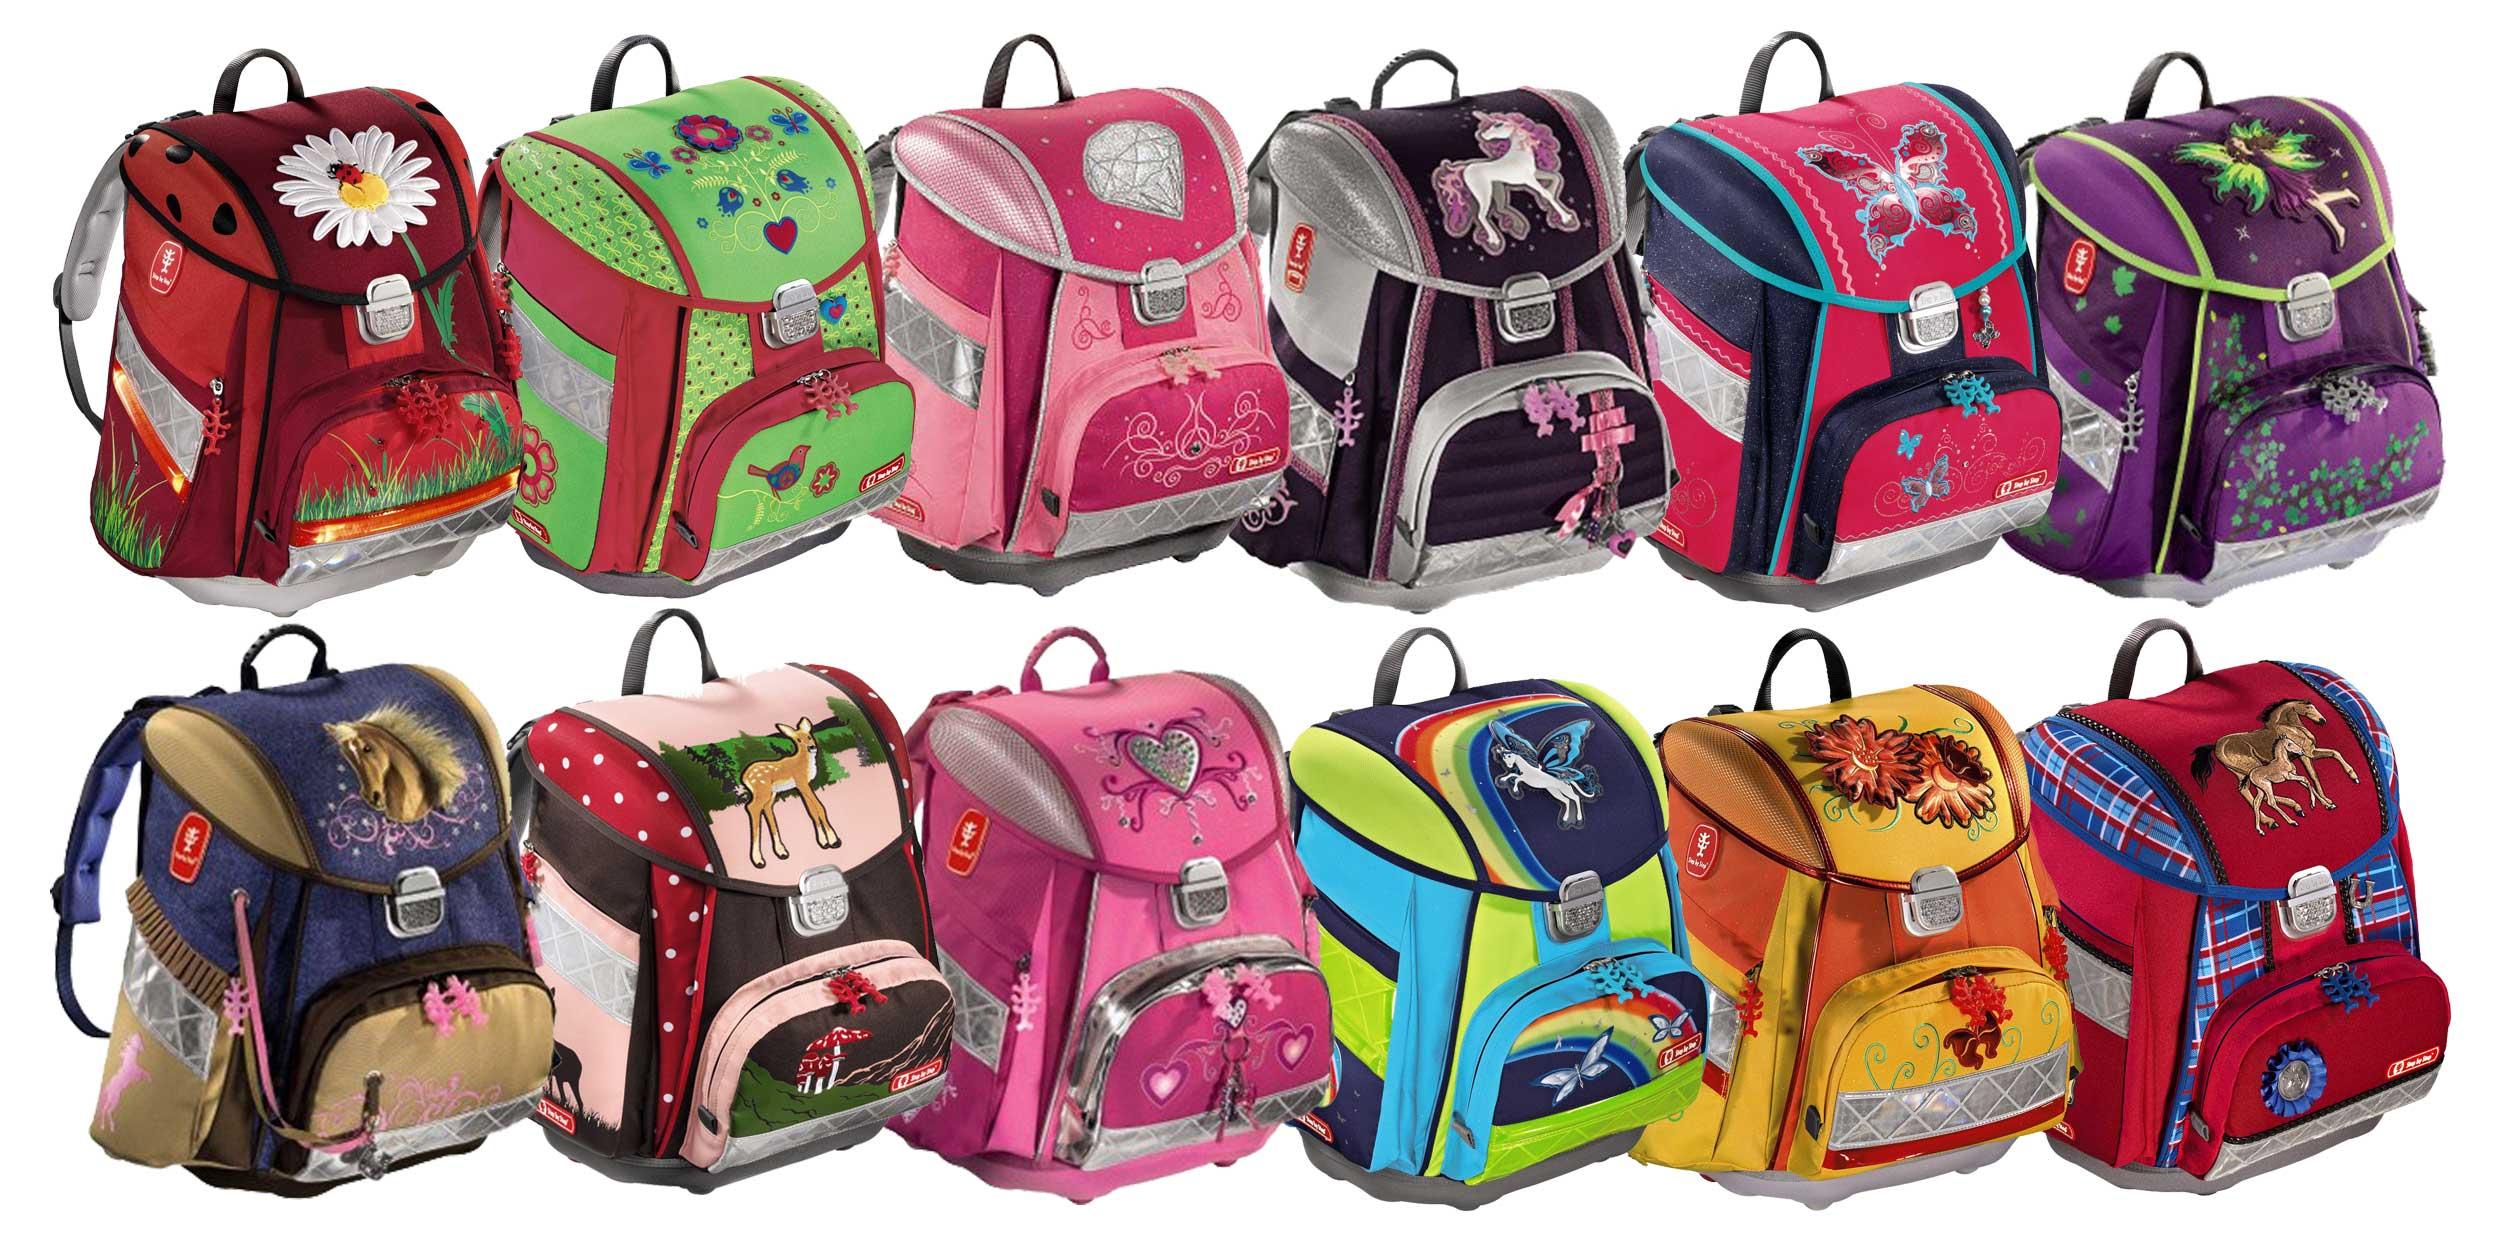 3f67809b61 Školské tašky dievčenské predaj online eshop cena